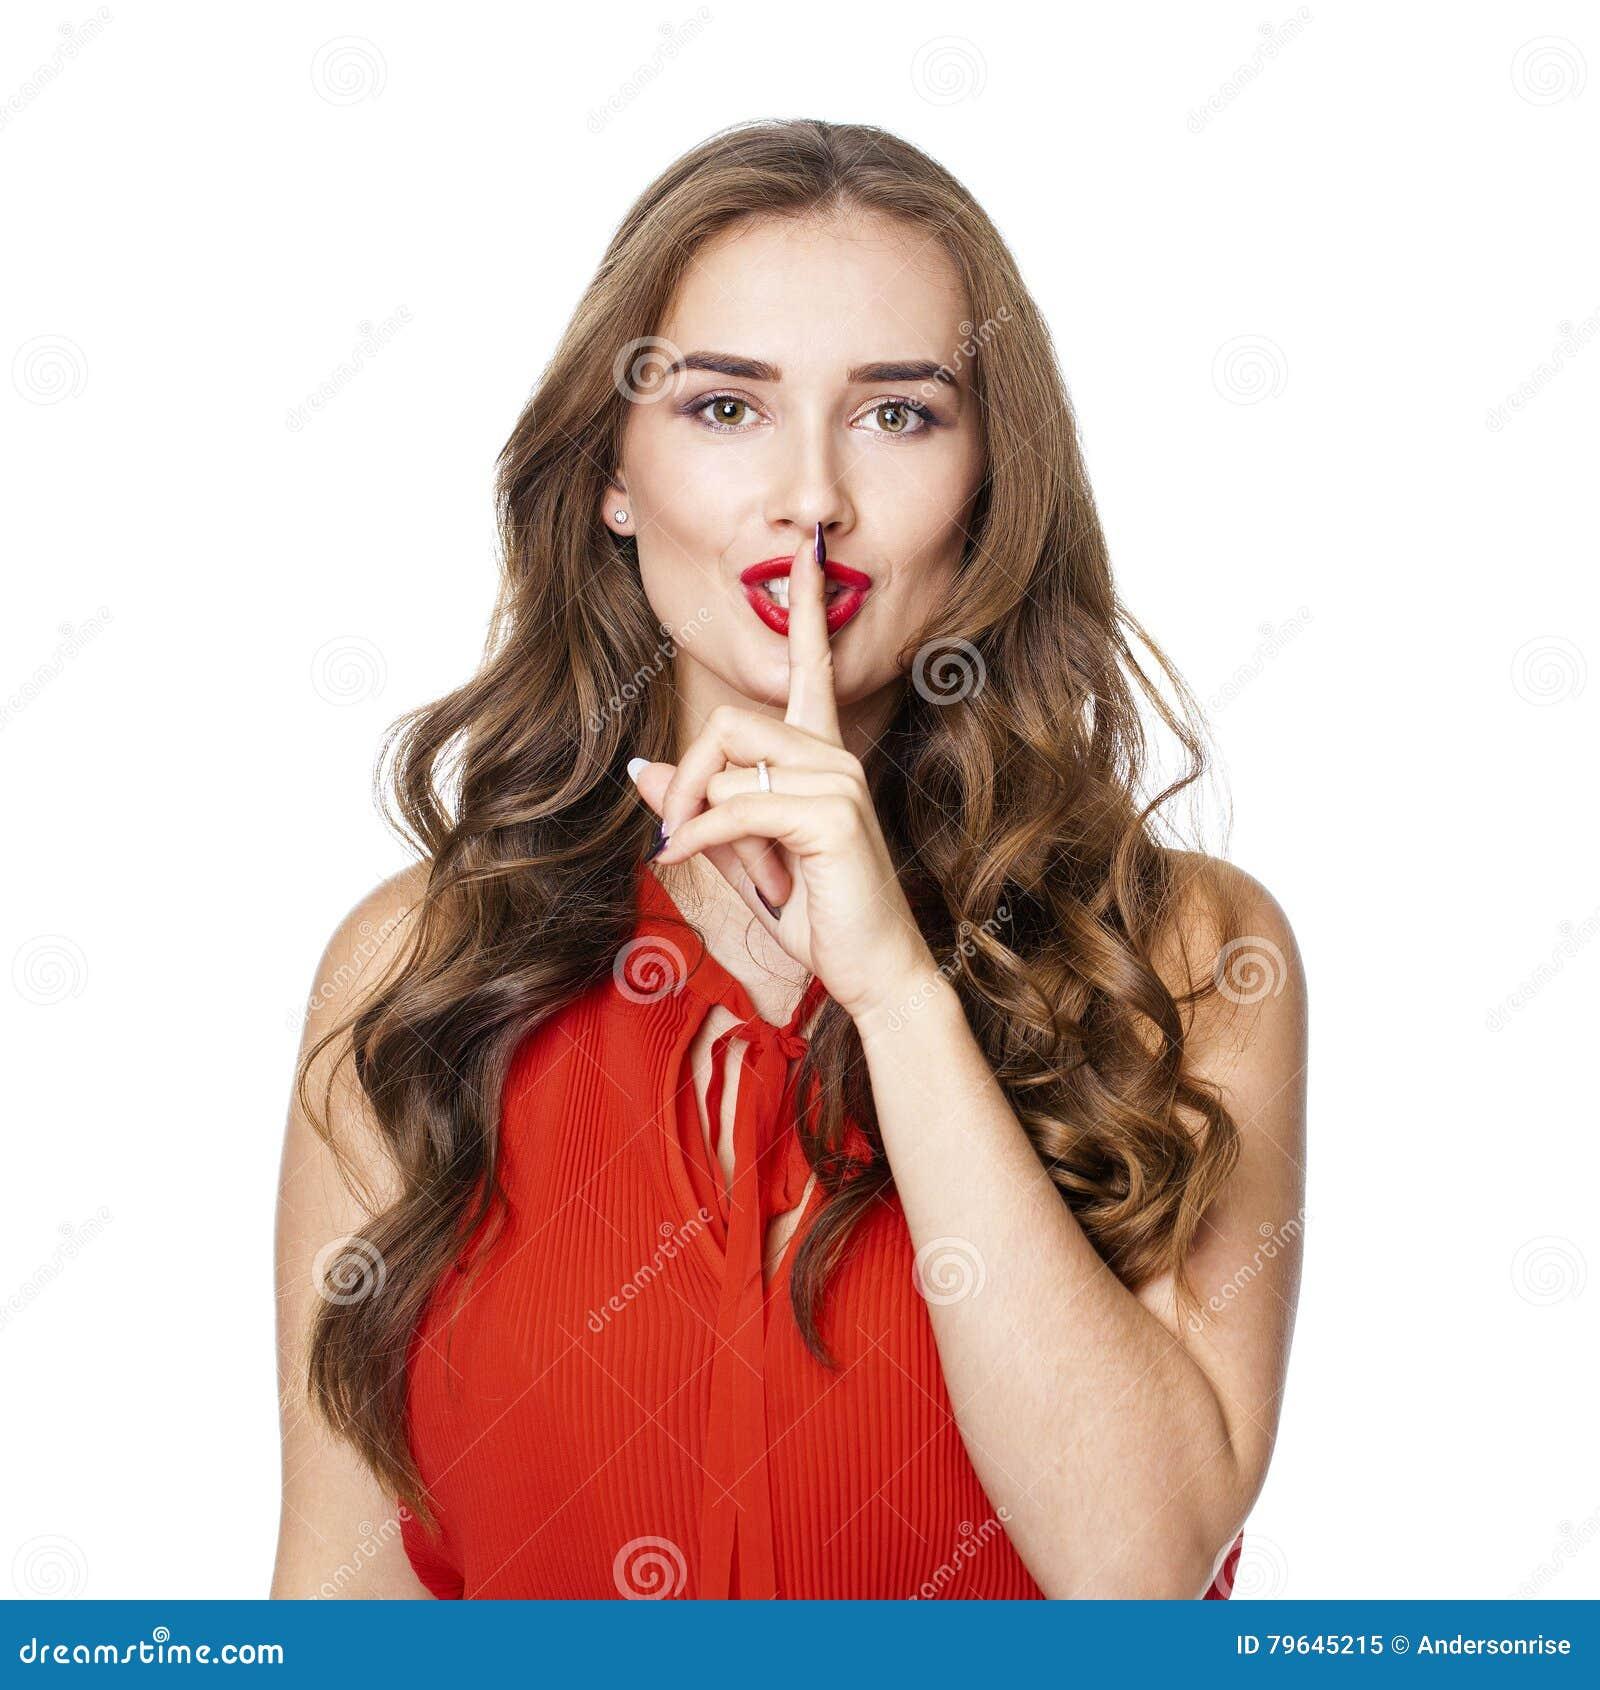 La mujer hermosa joven ha puesto el índice a los labios como muestra de sile